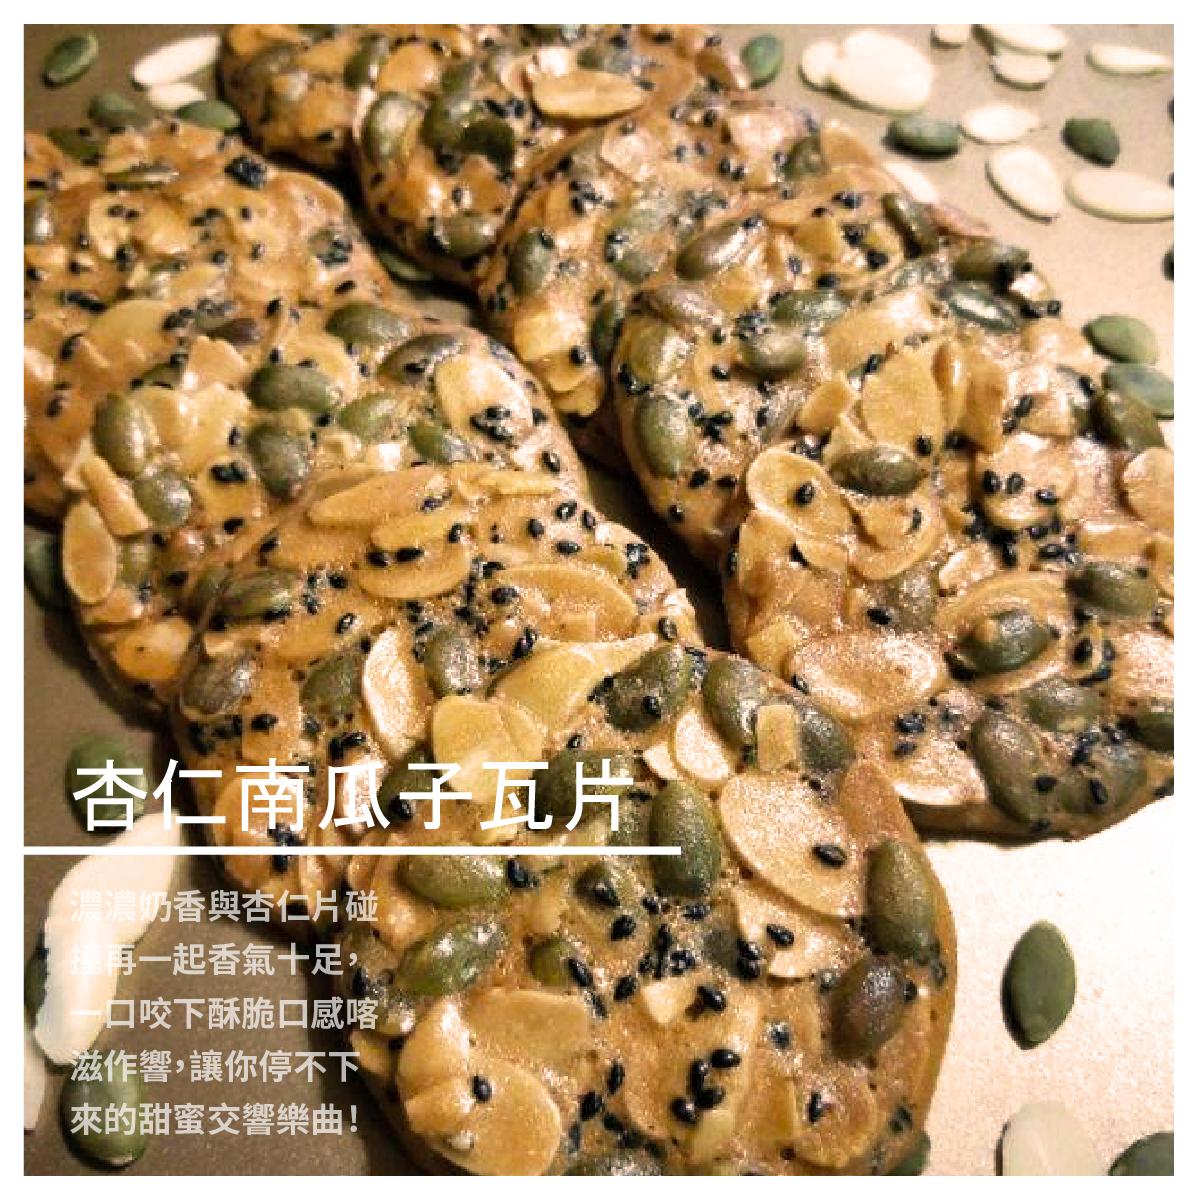 【餅乾時刻】杏仁南瓜子瓦片分享包